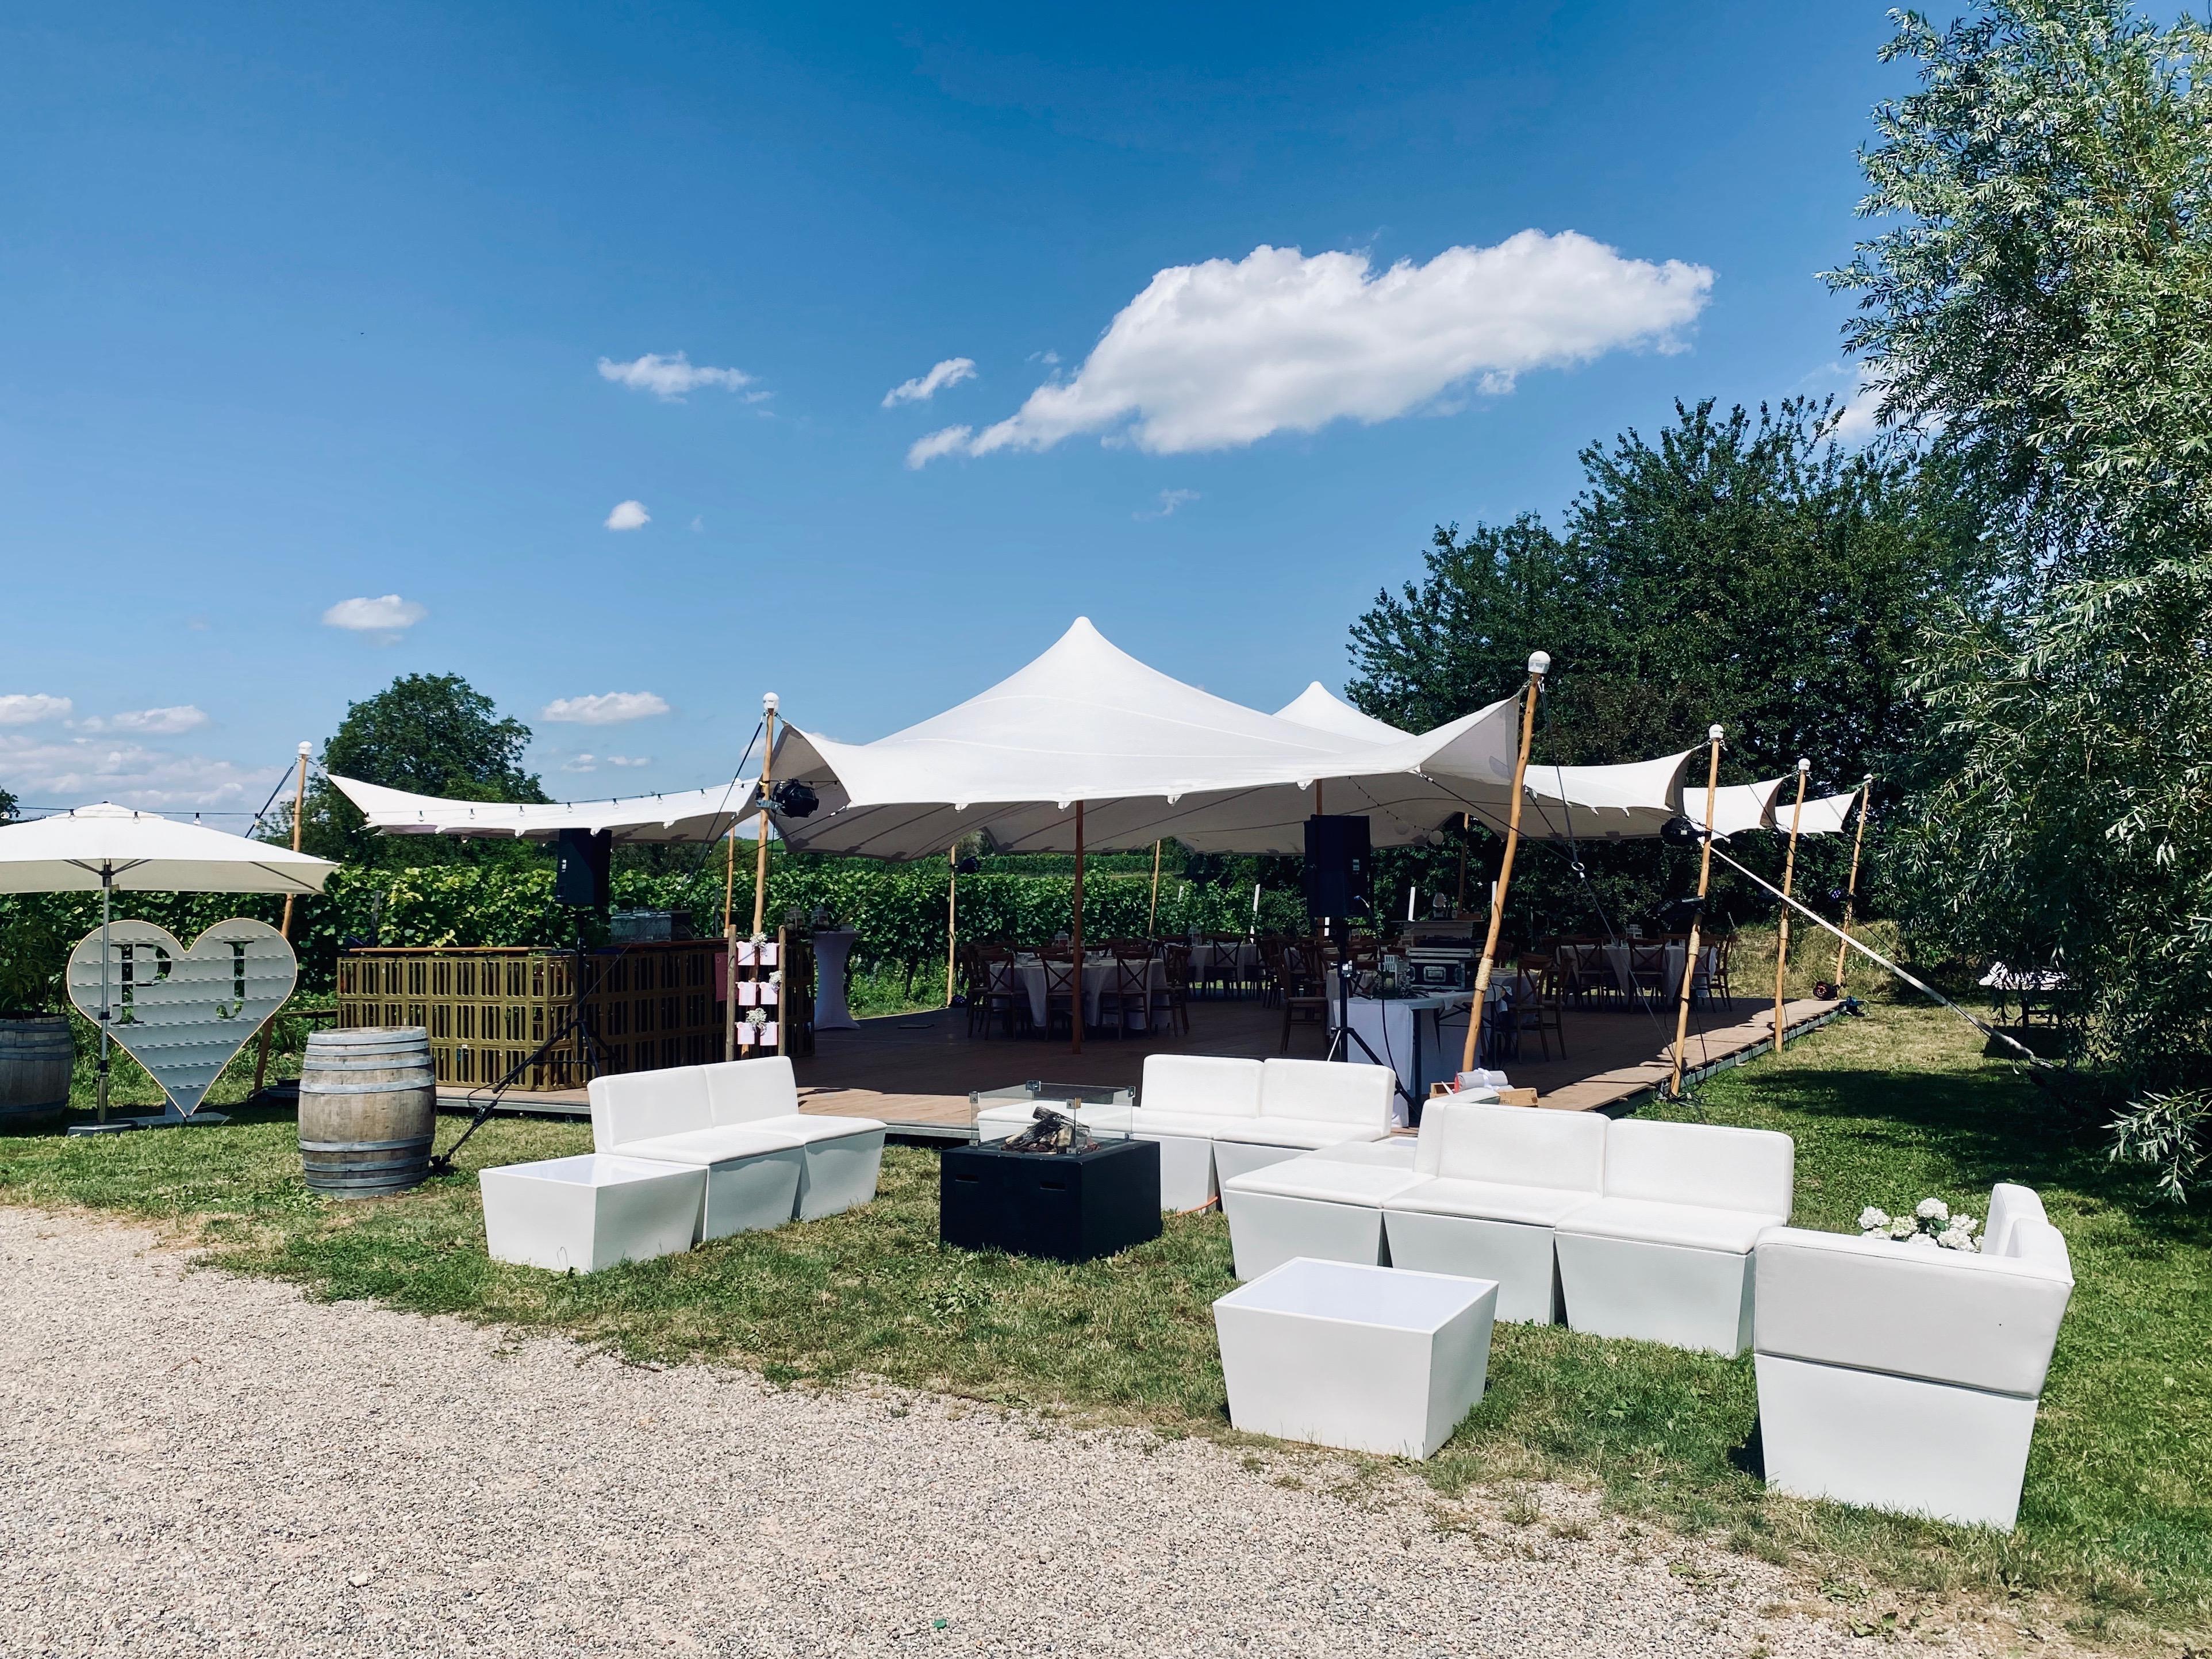 Hochzeit im Zelt, Flexzelt, Beduinenzelt